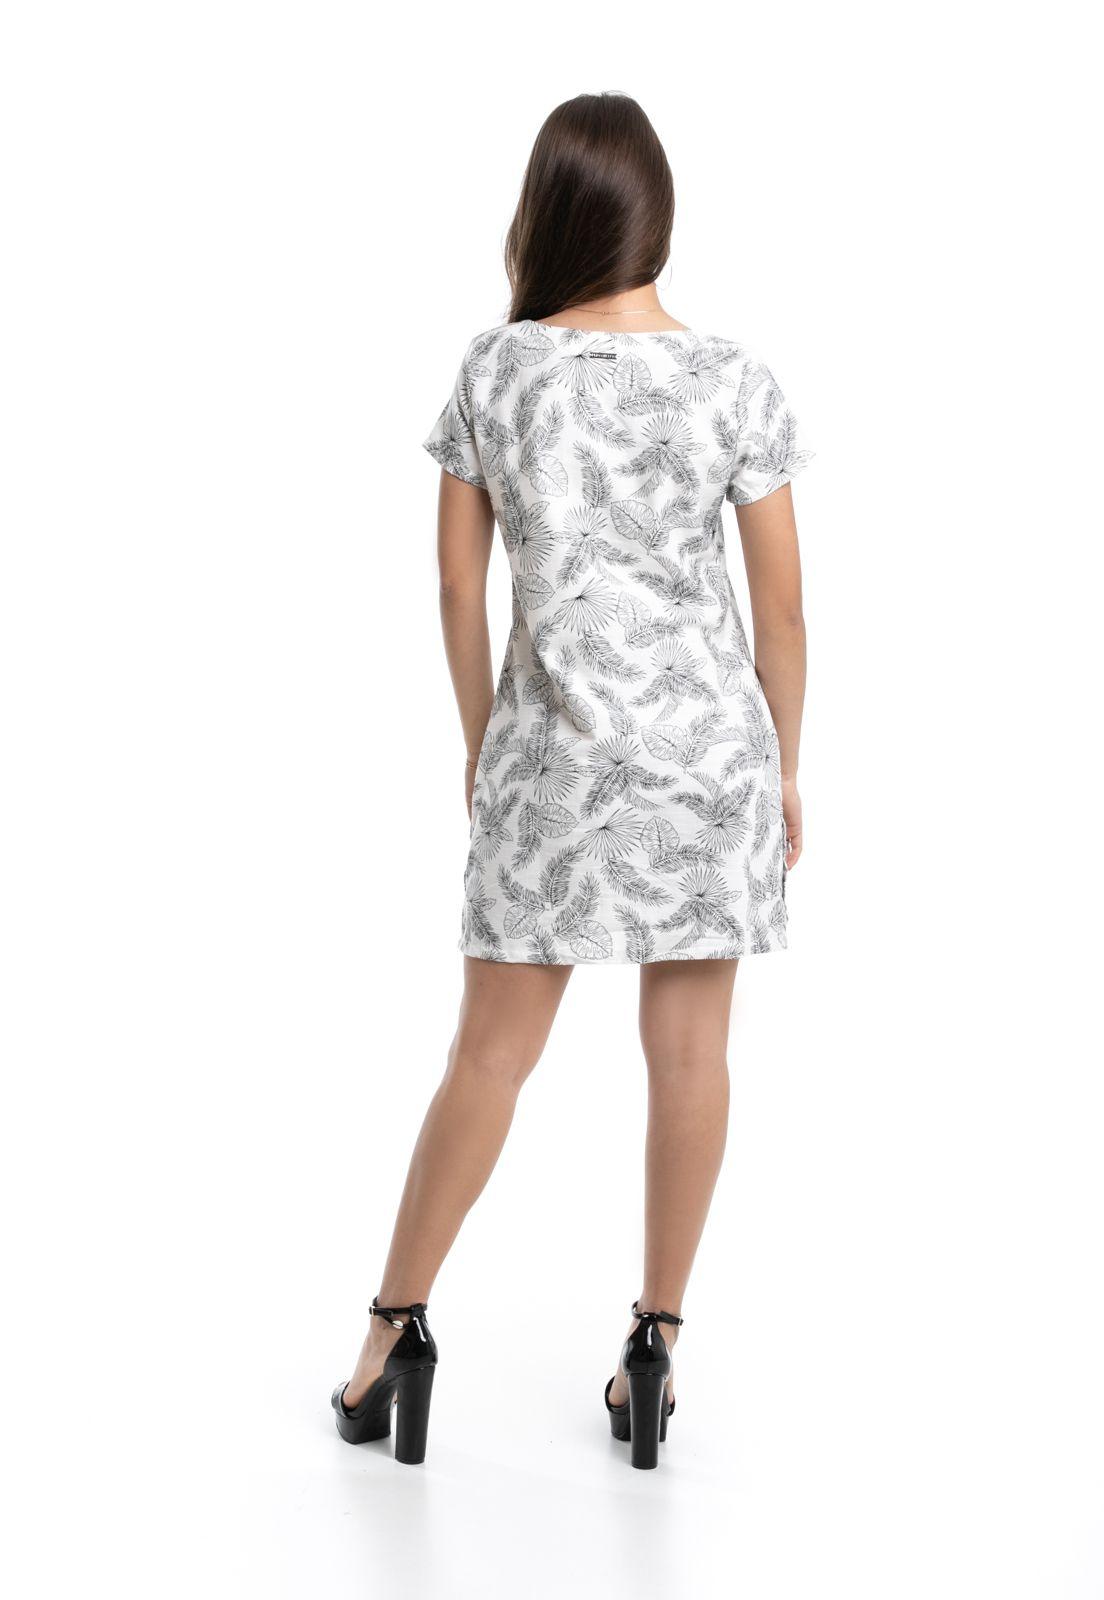 Vestido Pkd Estampa Folhagens Branco